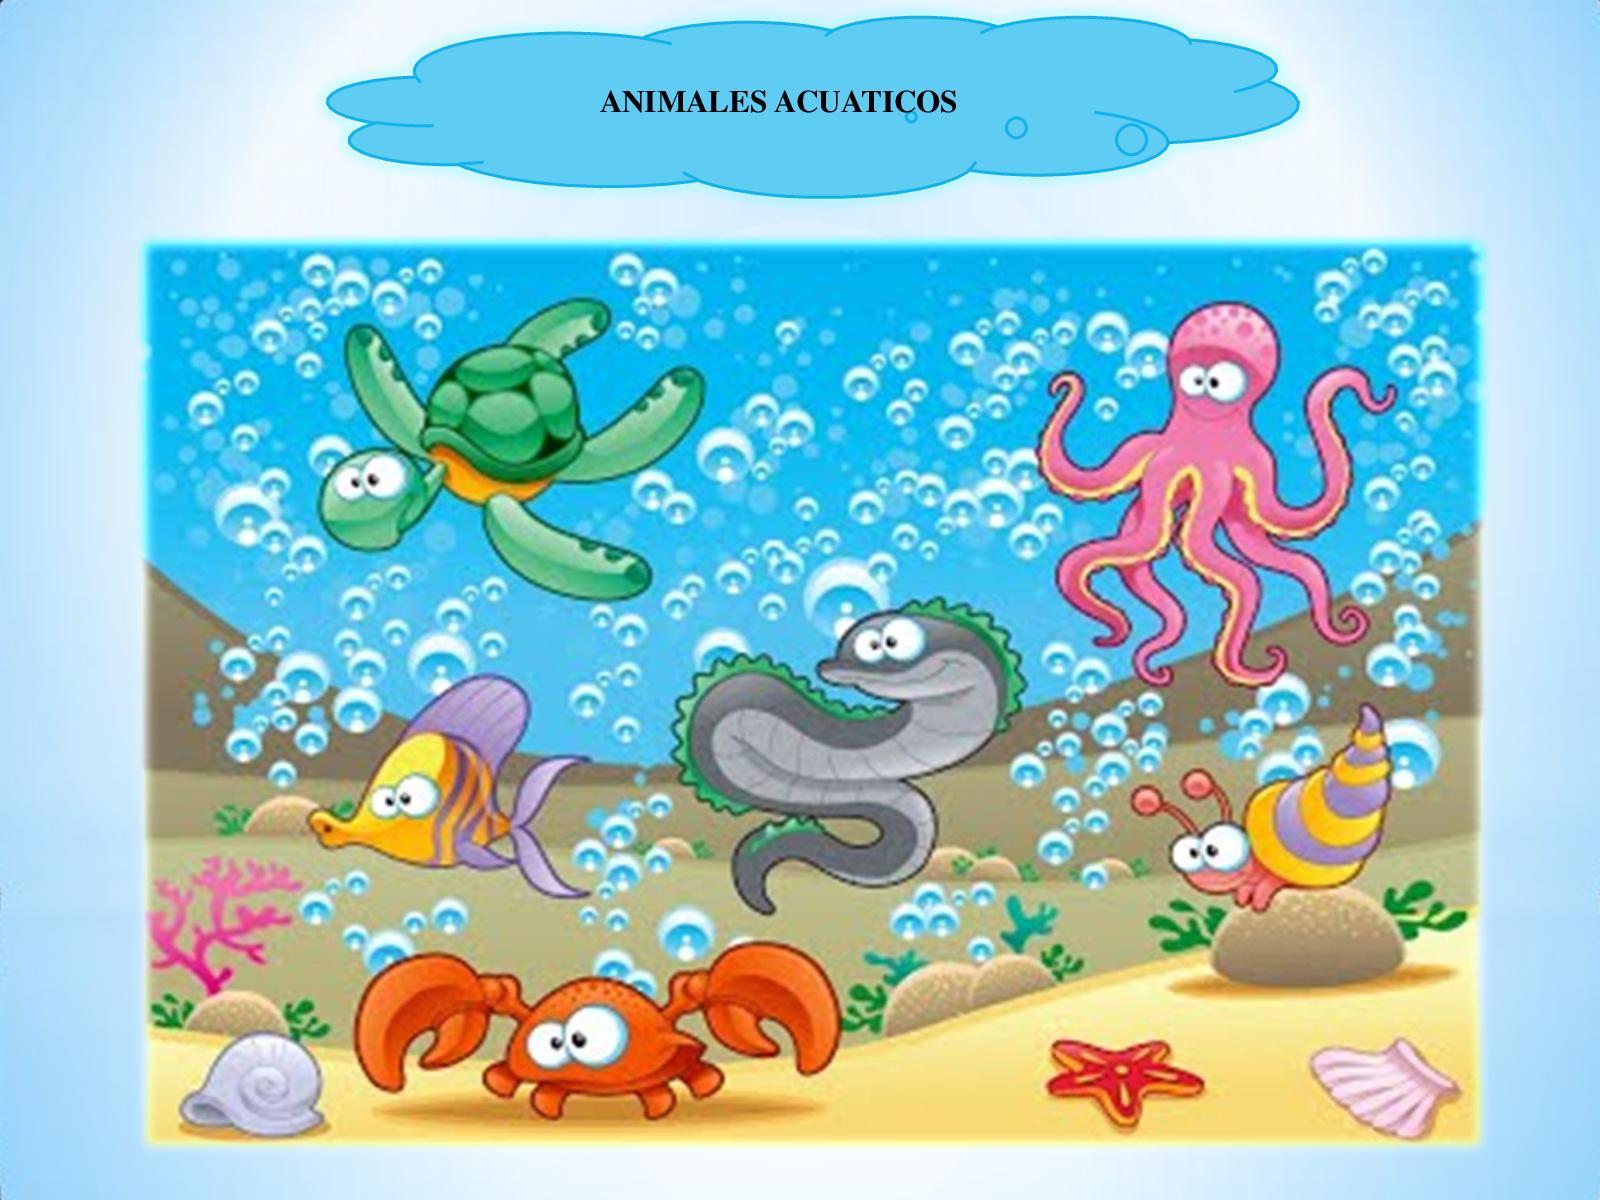 Calaméo Los Animales Acuaticos Ppa Semana 14 Socializacion